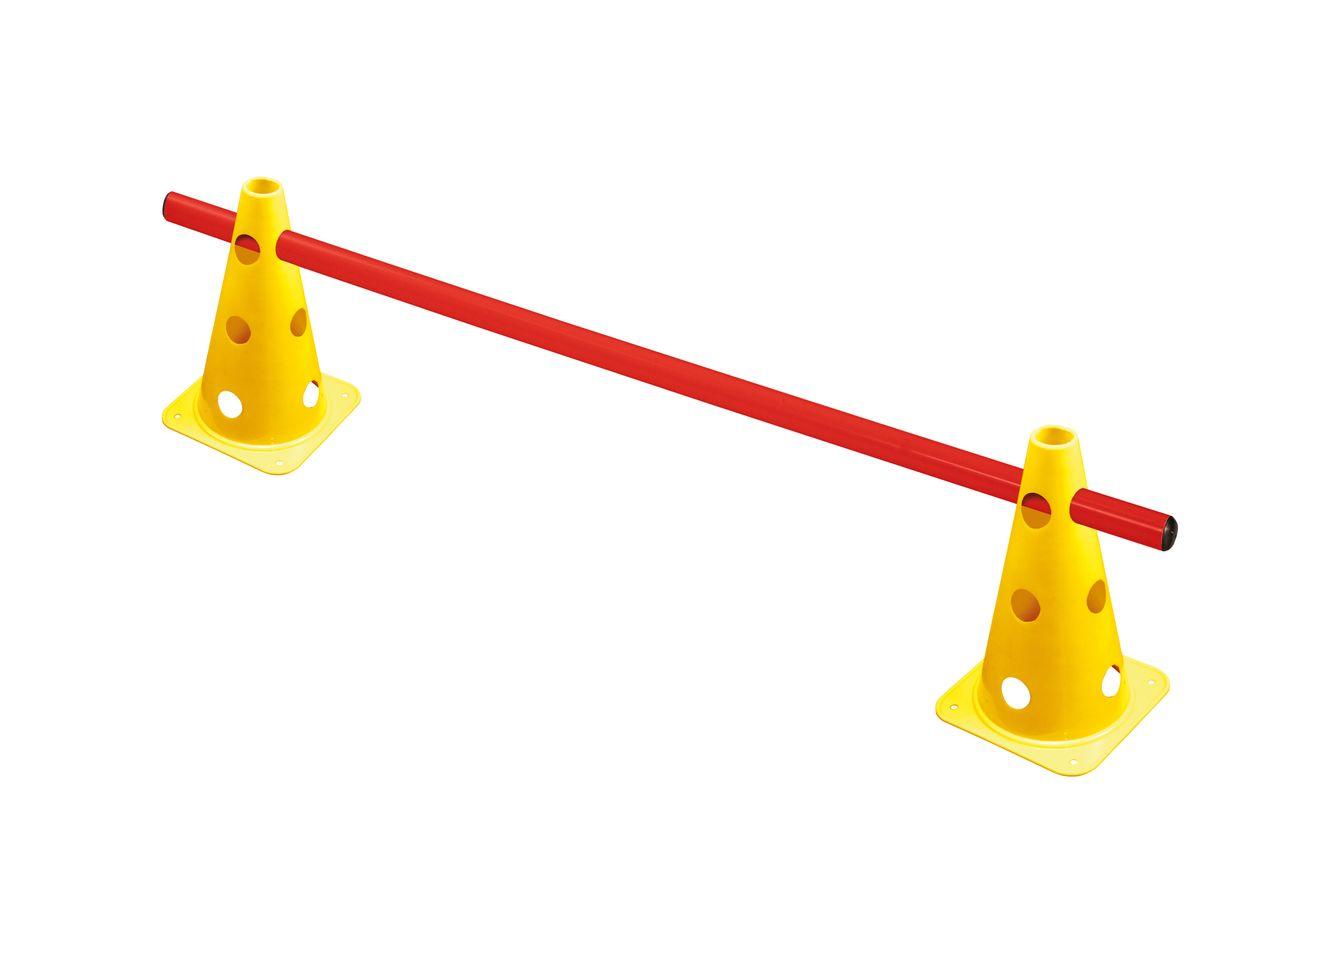 zestaw treningowy | 2 pachołki z otworami 22,5 cm + 1 tyczka 1 m